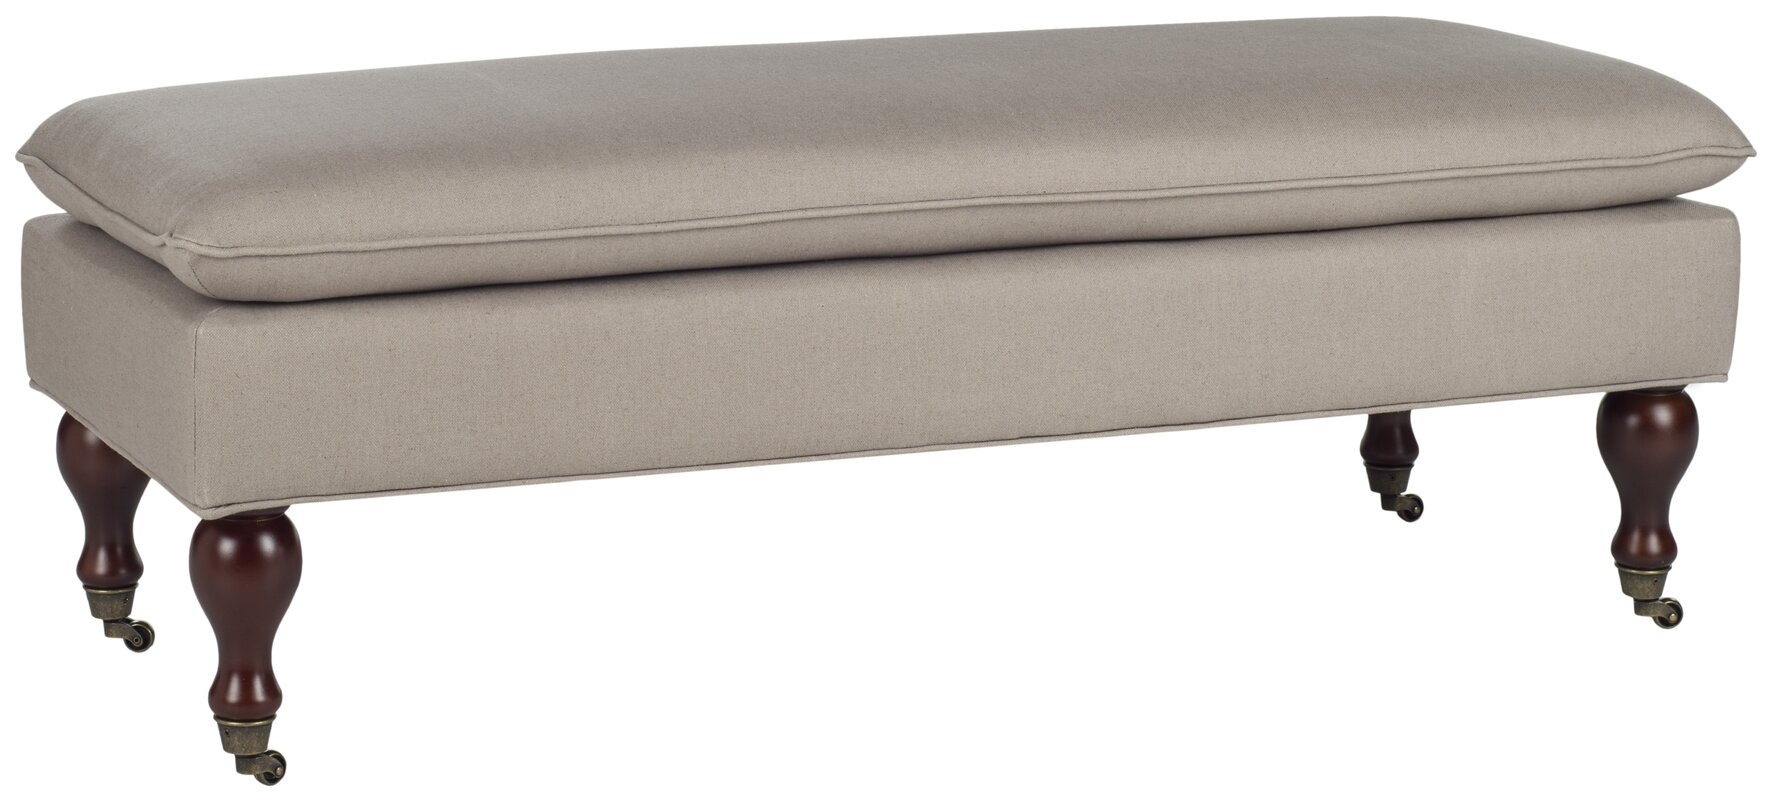 safavieh gepolsterte schlafzimmerbank bewertungen. Black Bedroom Furniture Sets. Home Design Ideas